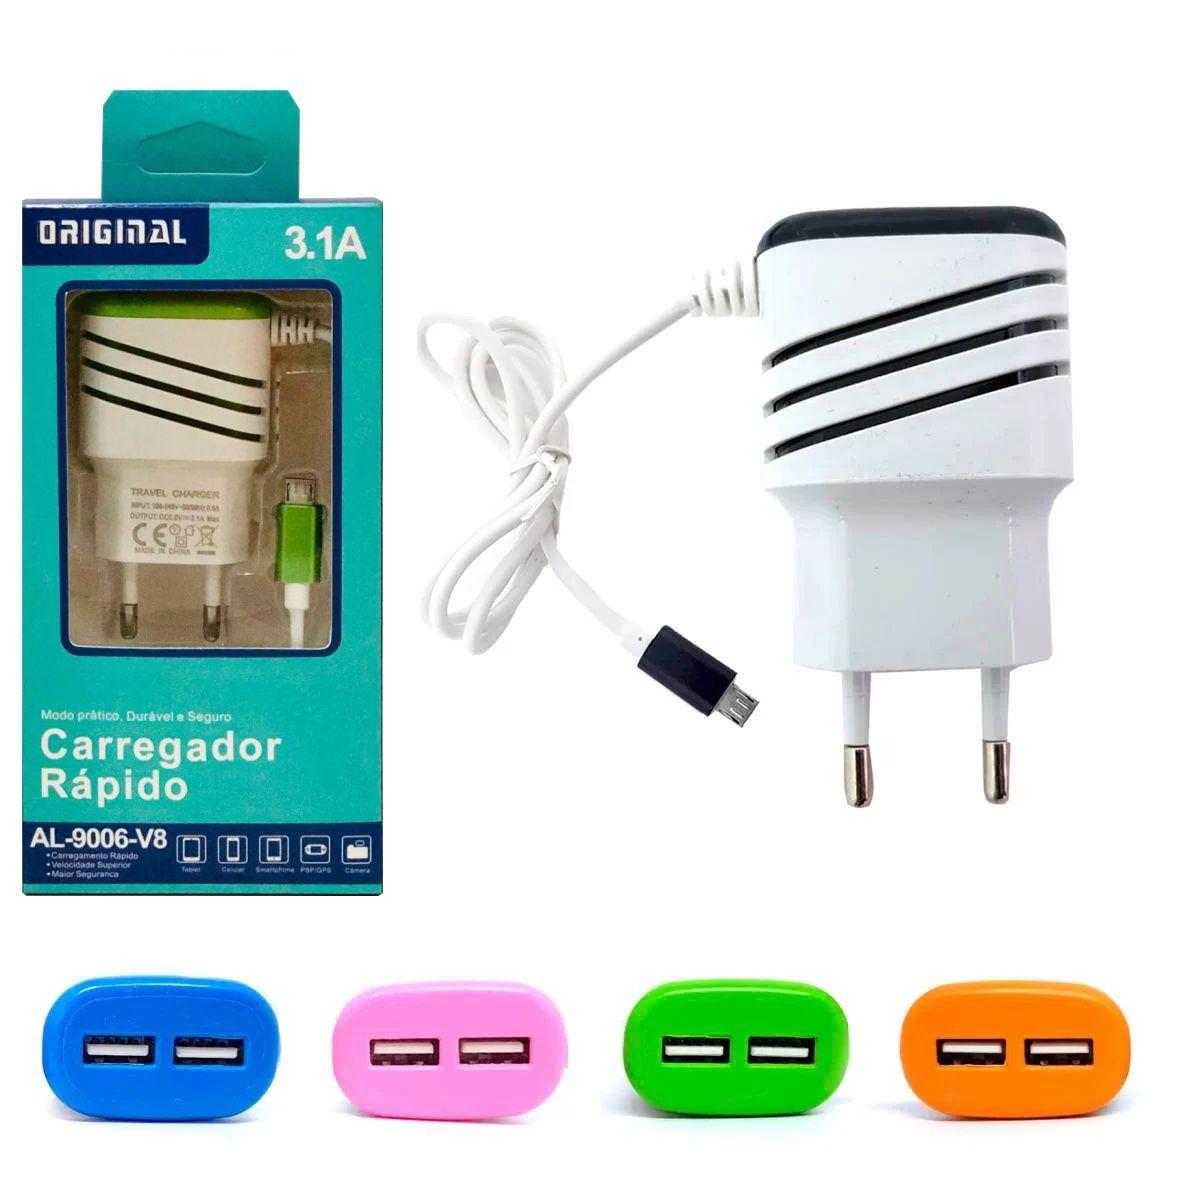 Carregador Rápido 2 USB C/ Cabo V8 Embutido 3.1A ORIGINAL